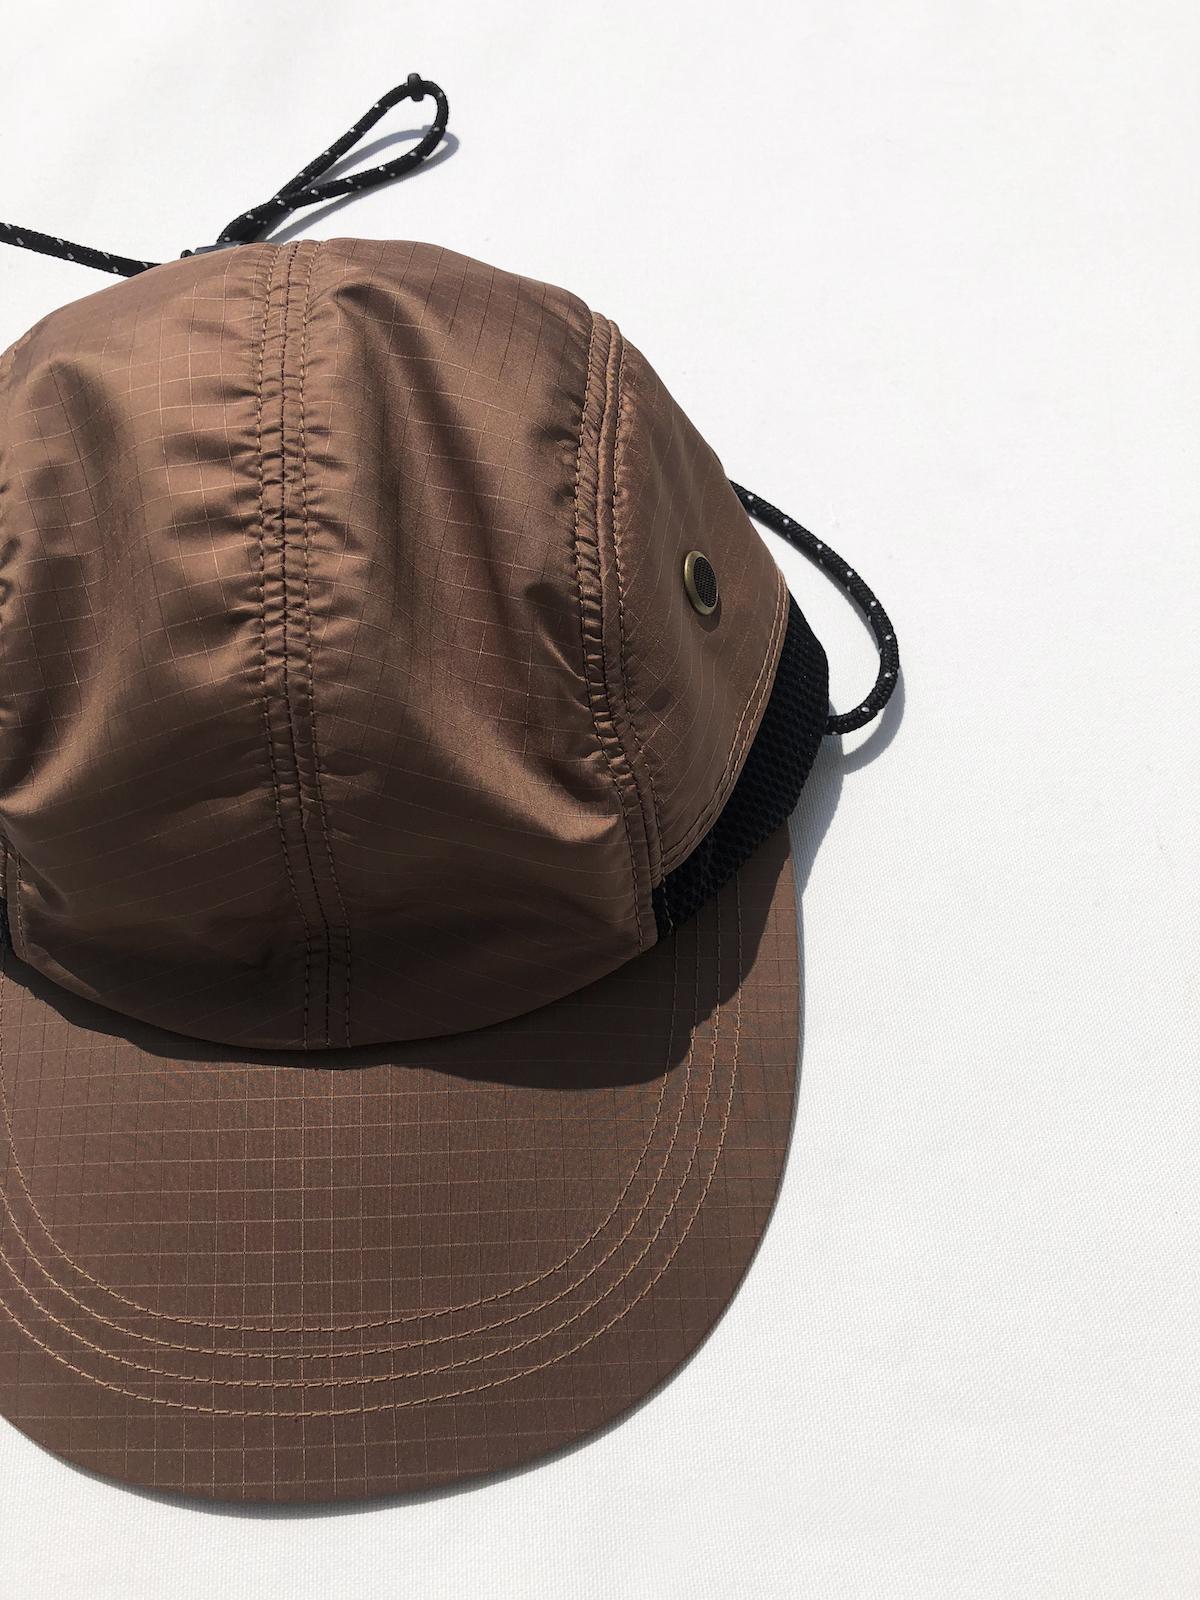 COMFORTABLE REASON 「Fishing Cap / BROWN」